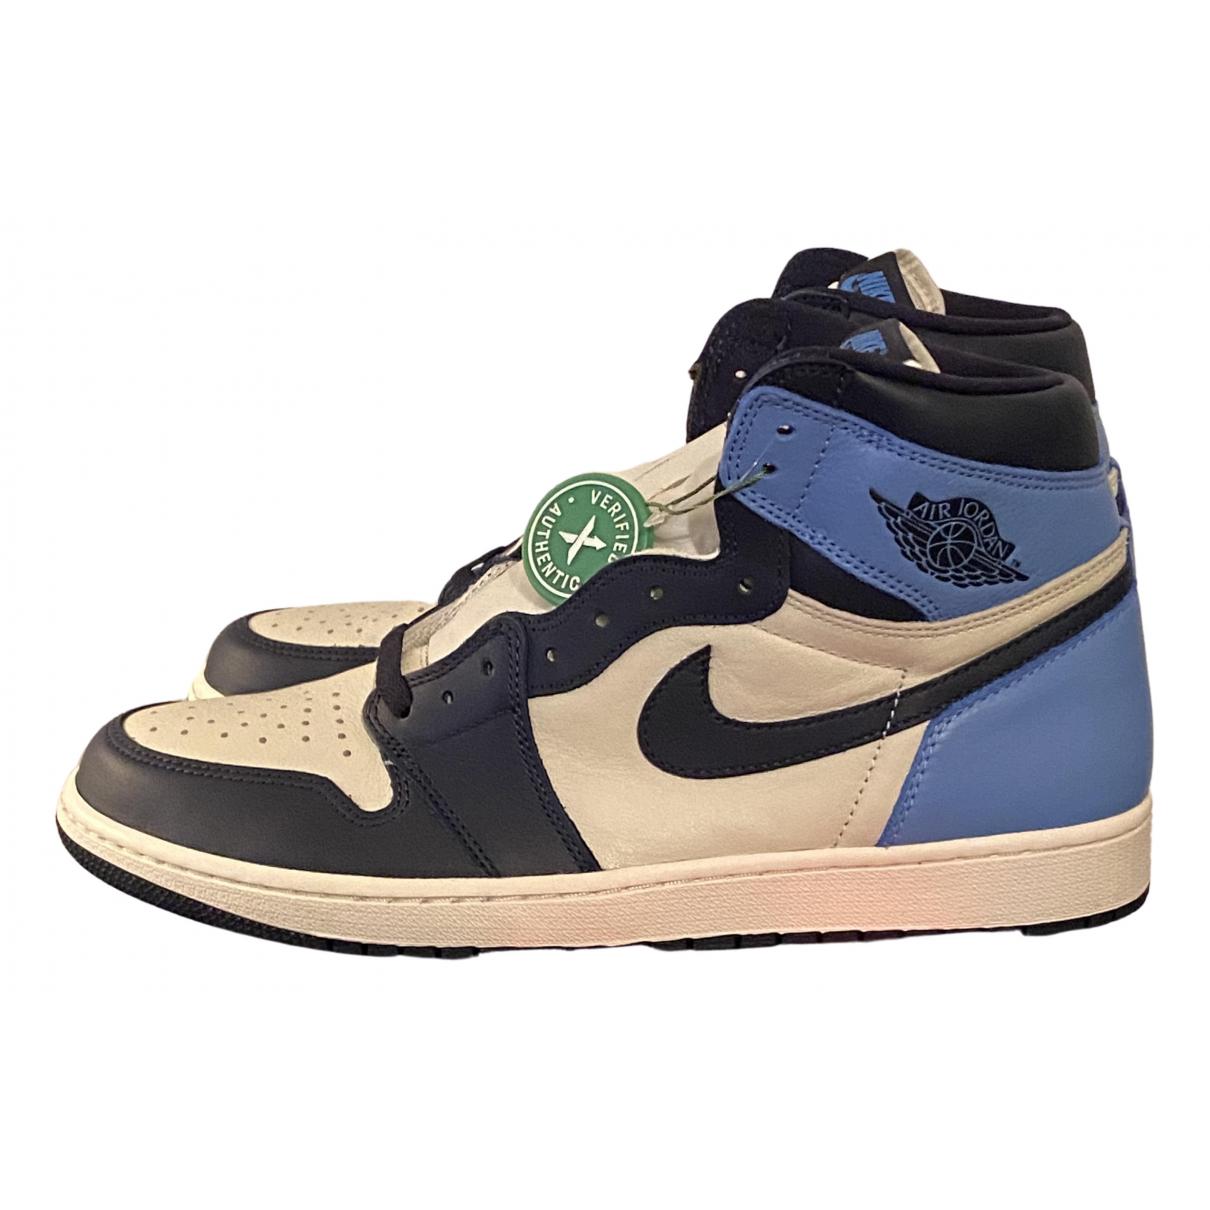 Jordan Air Jordan 1  Blue Leather Trainers for Men 12 US